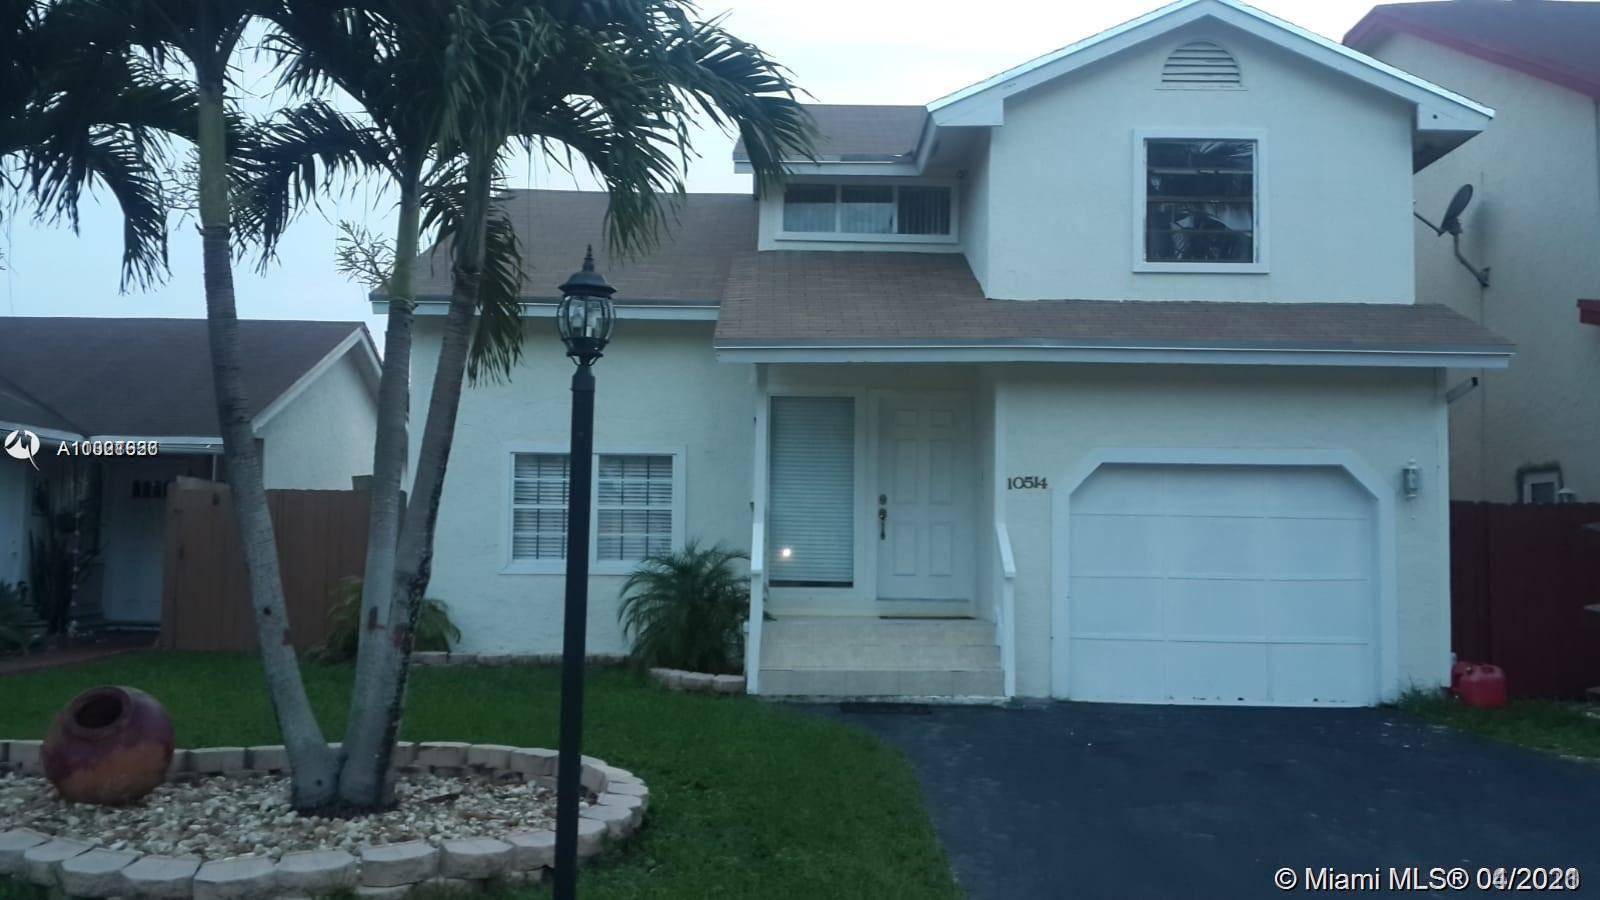 10514 SW 147th Ct, Miami, FL 33196 - #: A11021626